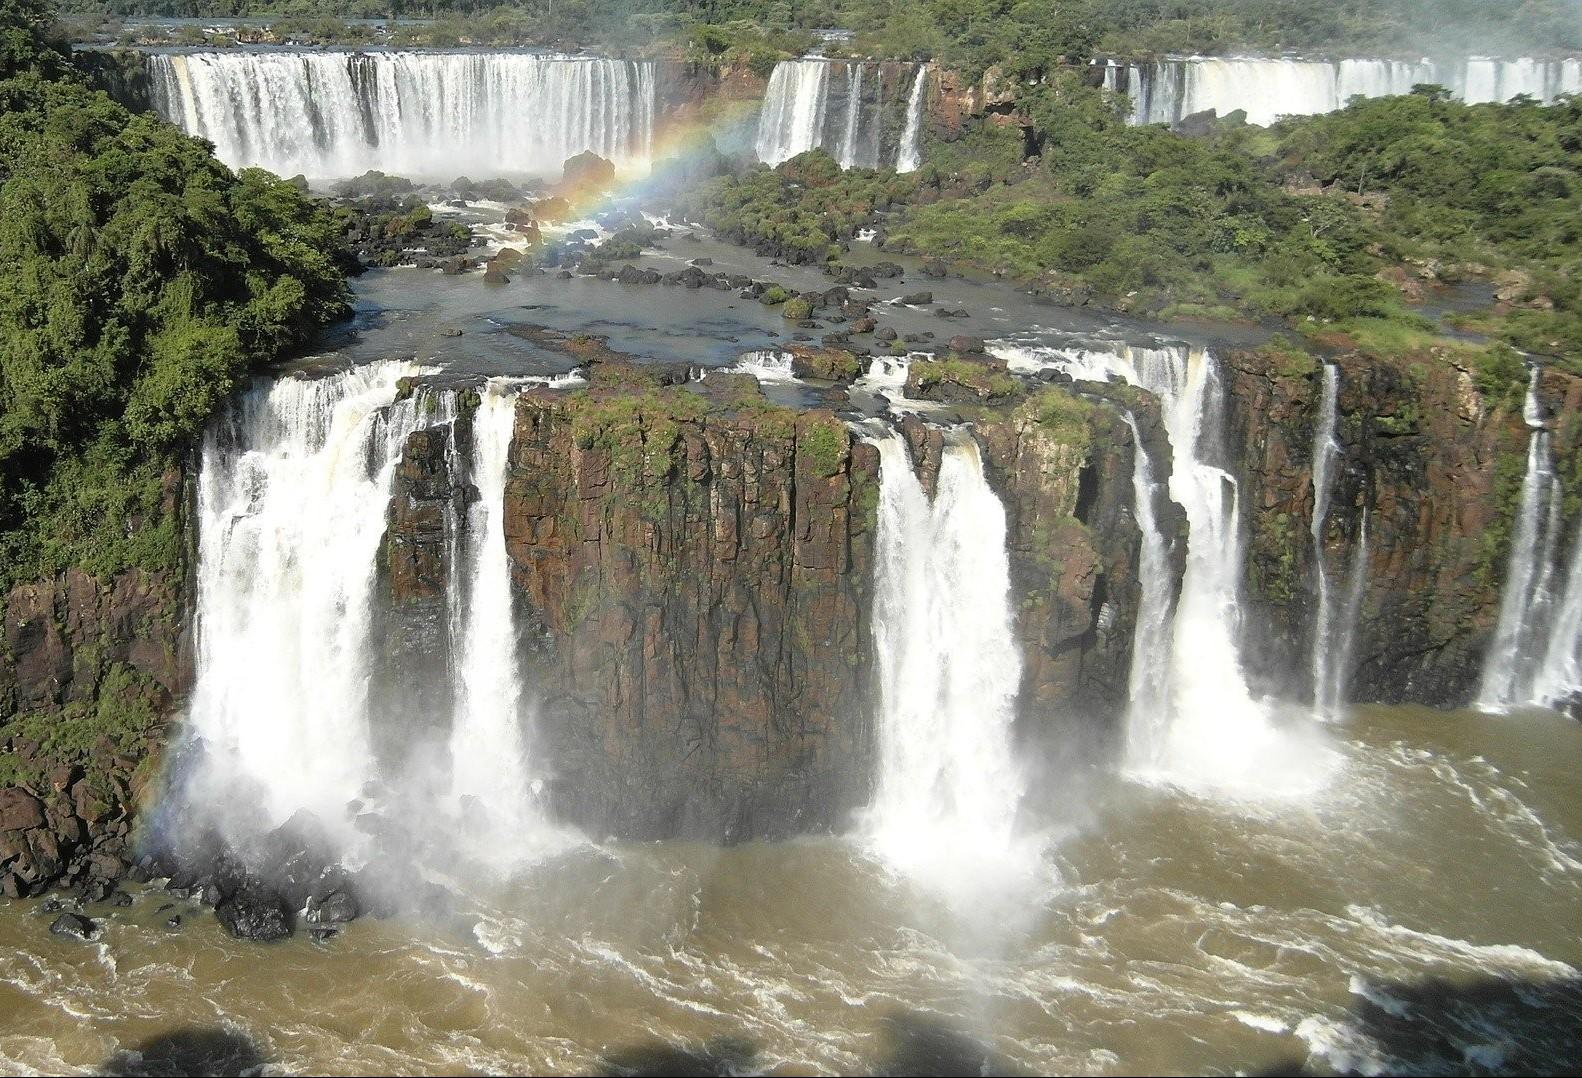 Feriado prolongado  amplia visitação aos atrativos de Foz do Iguaçu